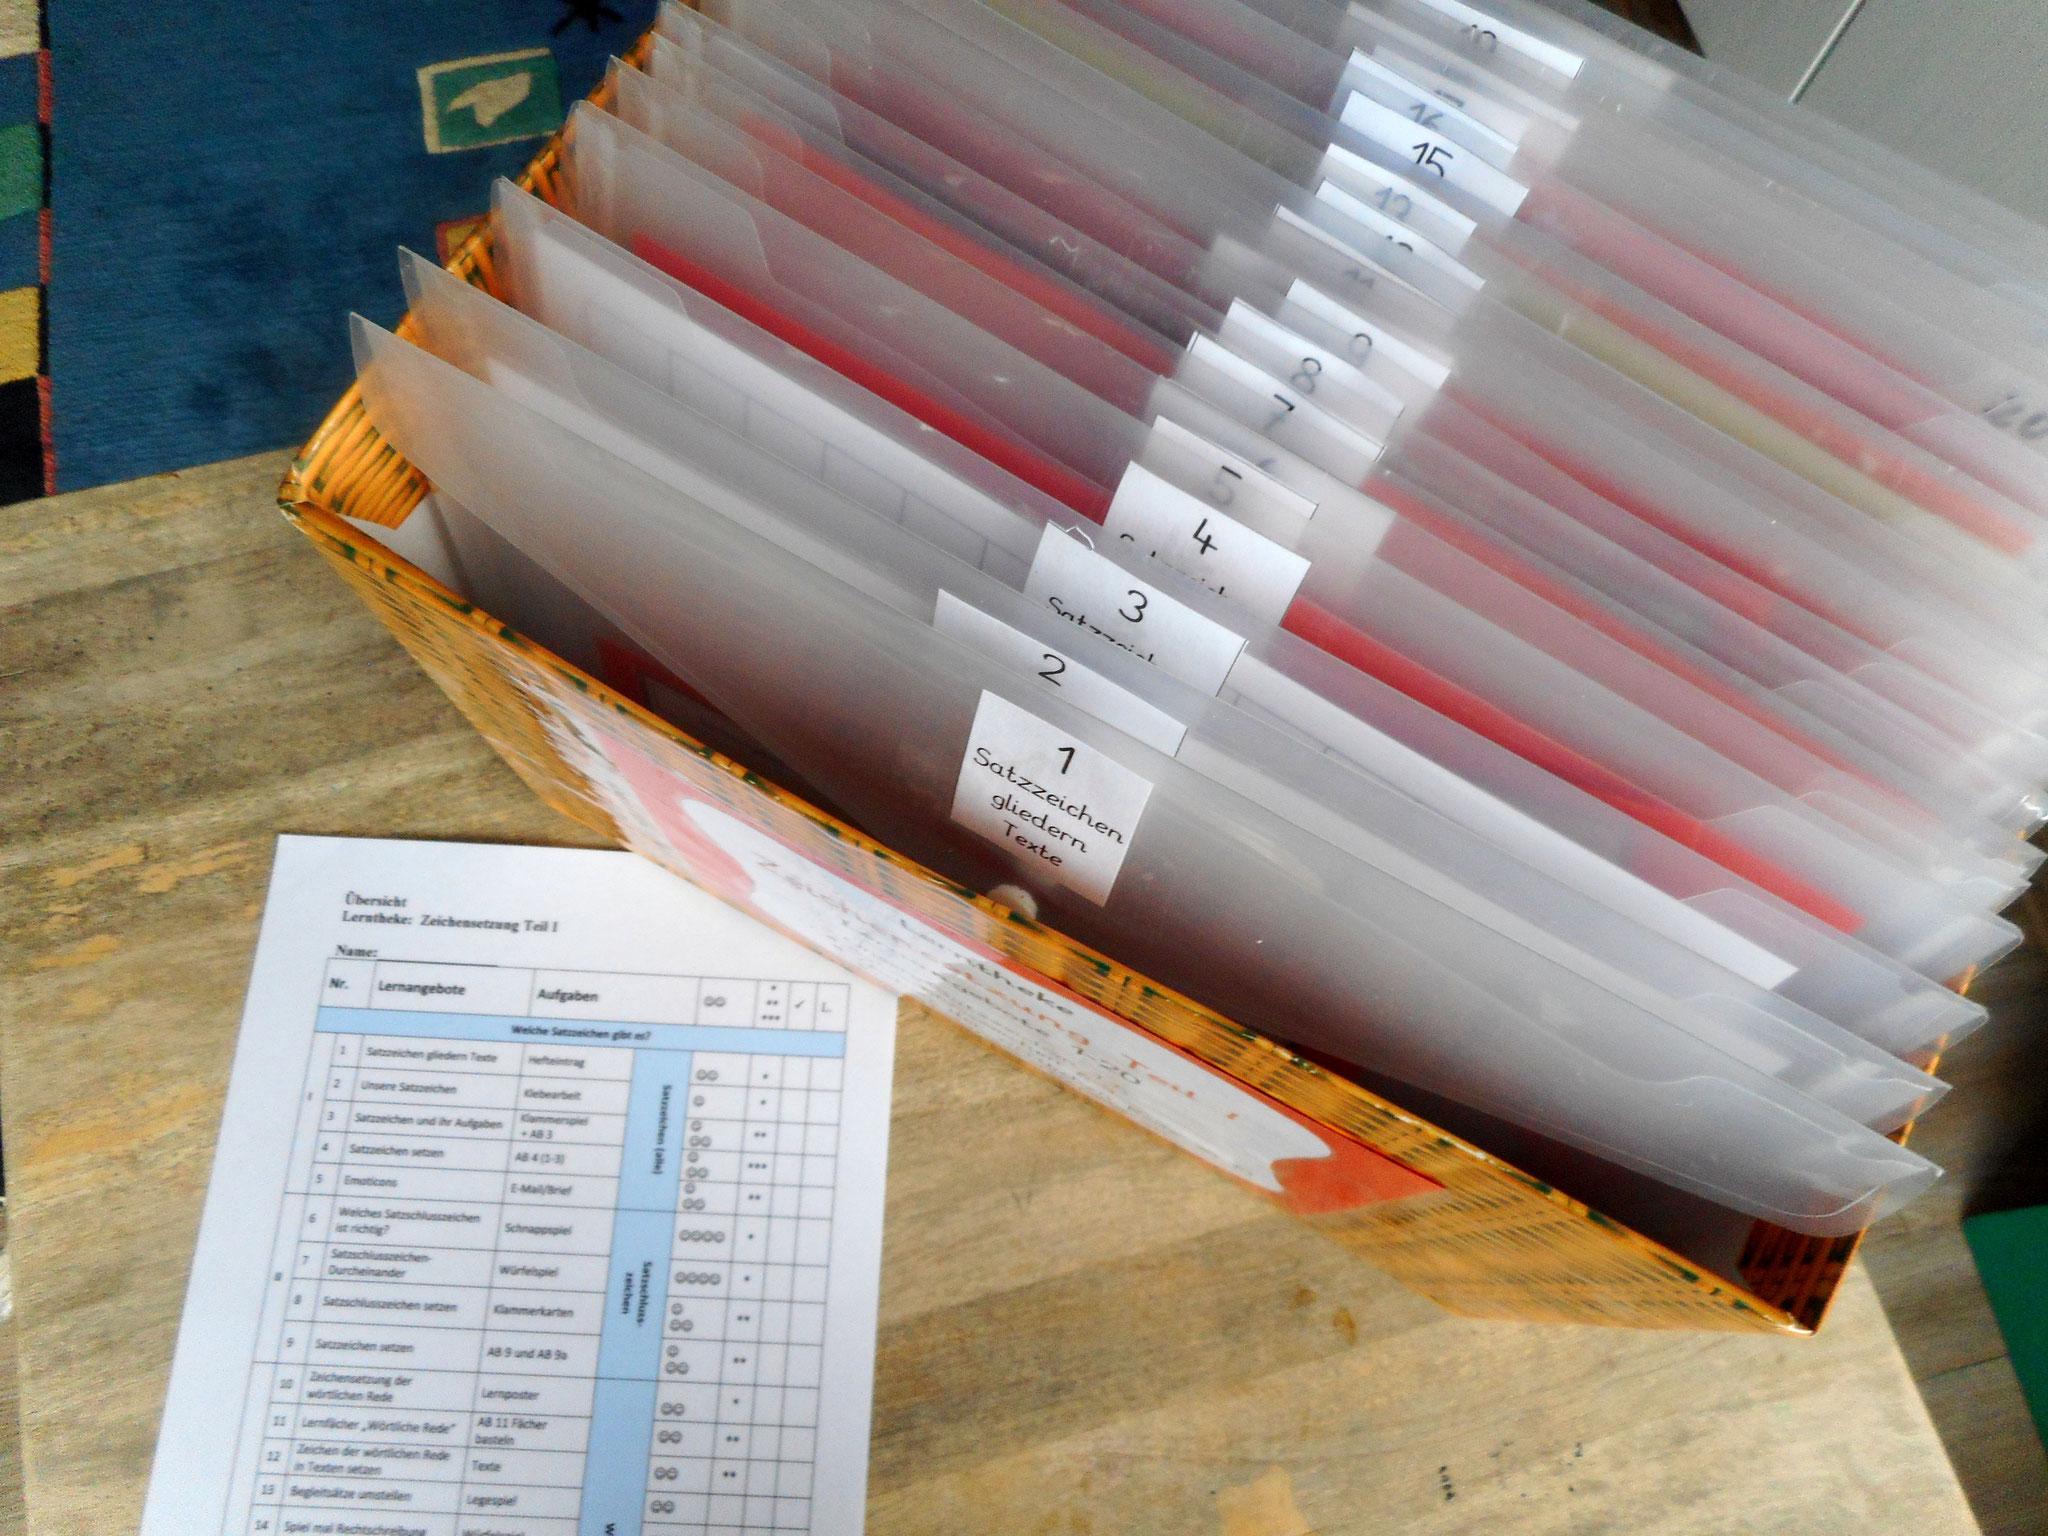 Jede Aktentasche enthält ein Lernangebot mit allen Materialien